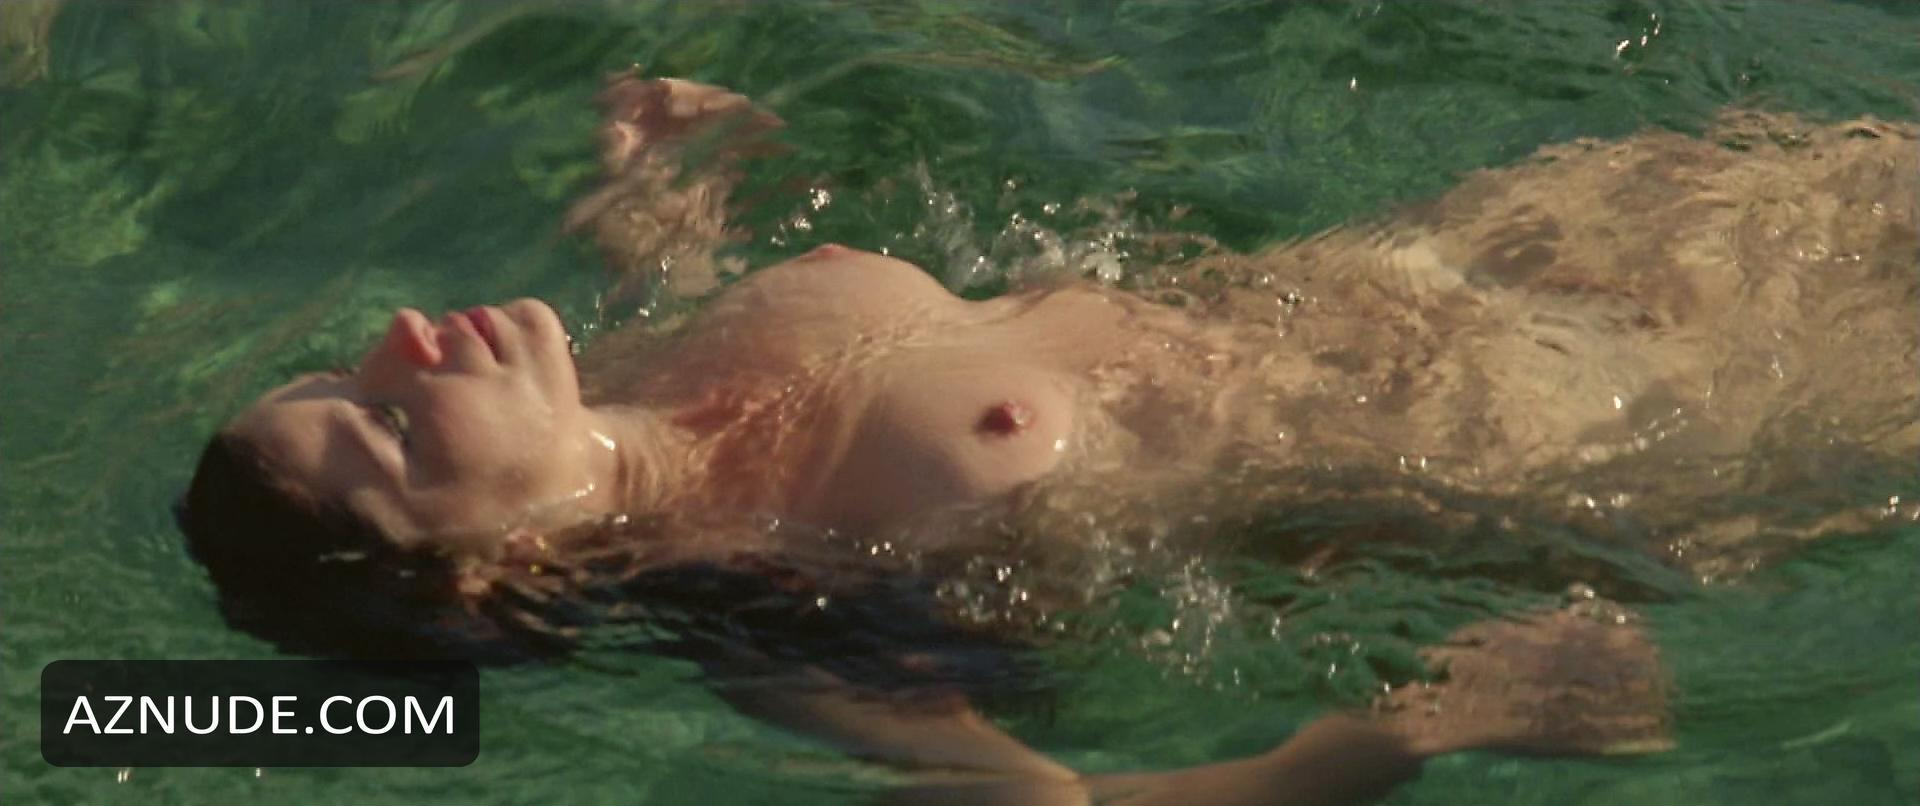 Hot Easyriders Nude Png